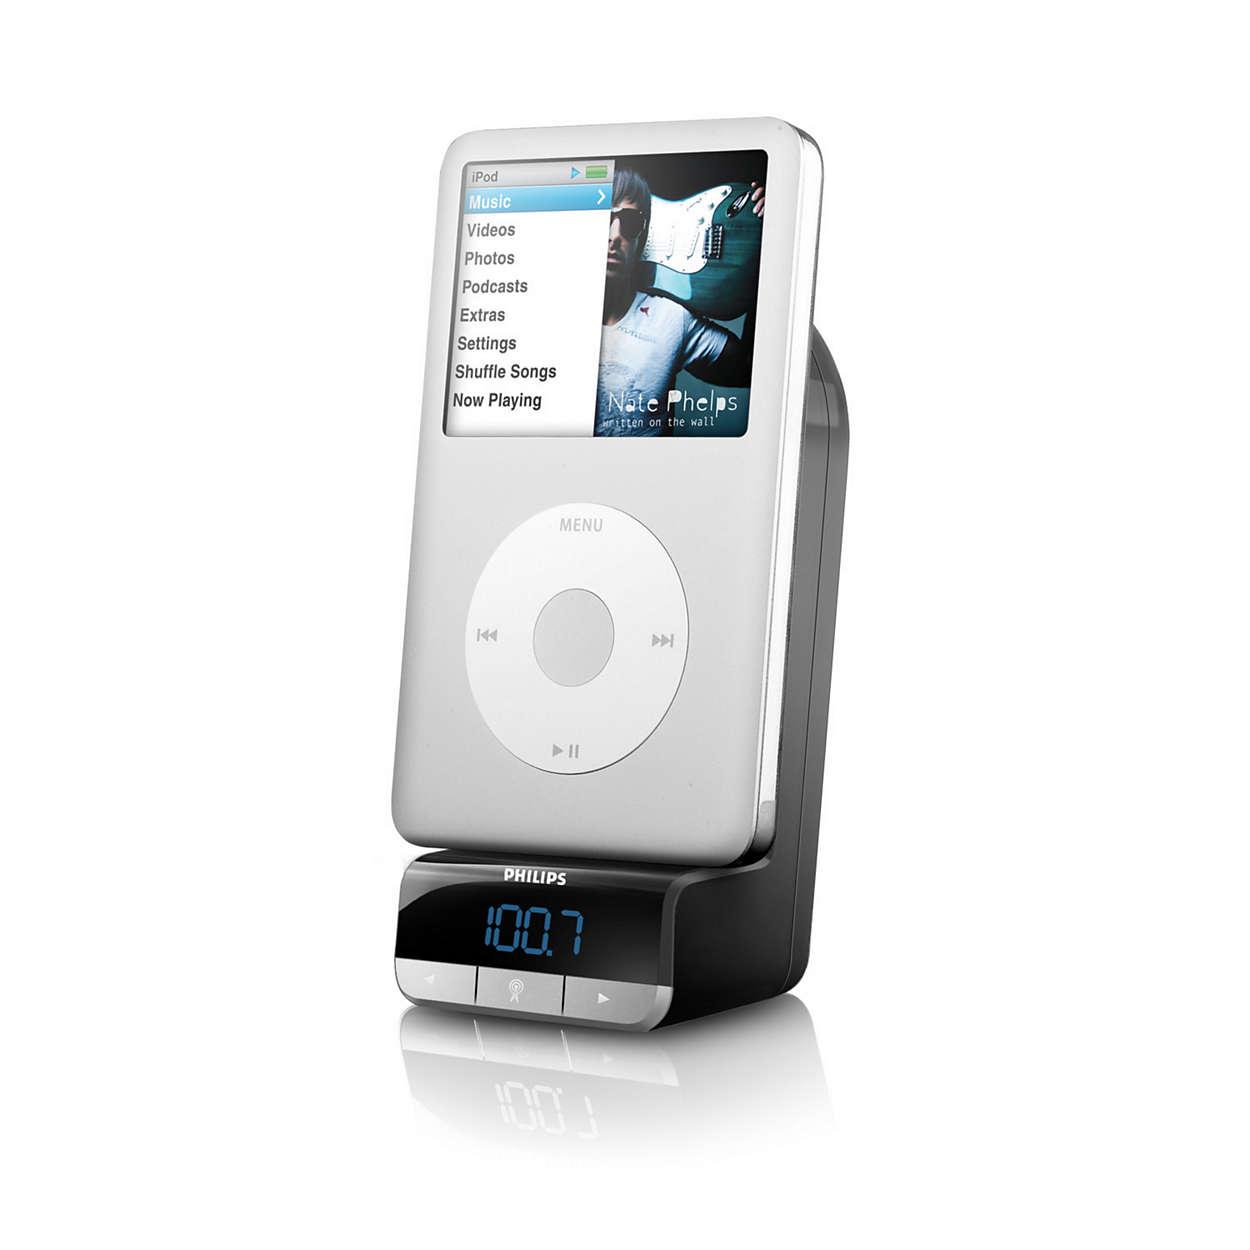 Riproduci, ricarica e installa il tuo iPod in auto